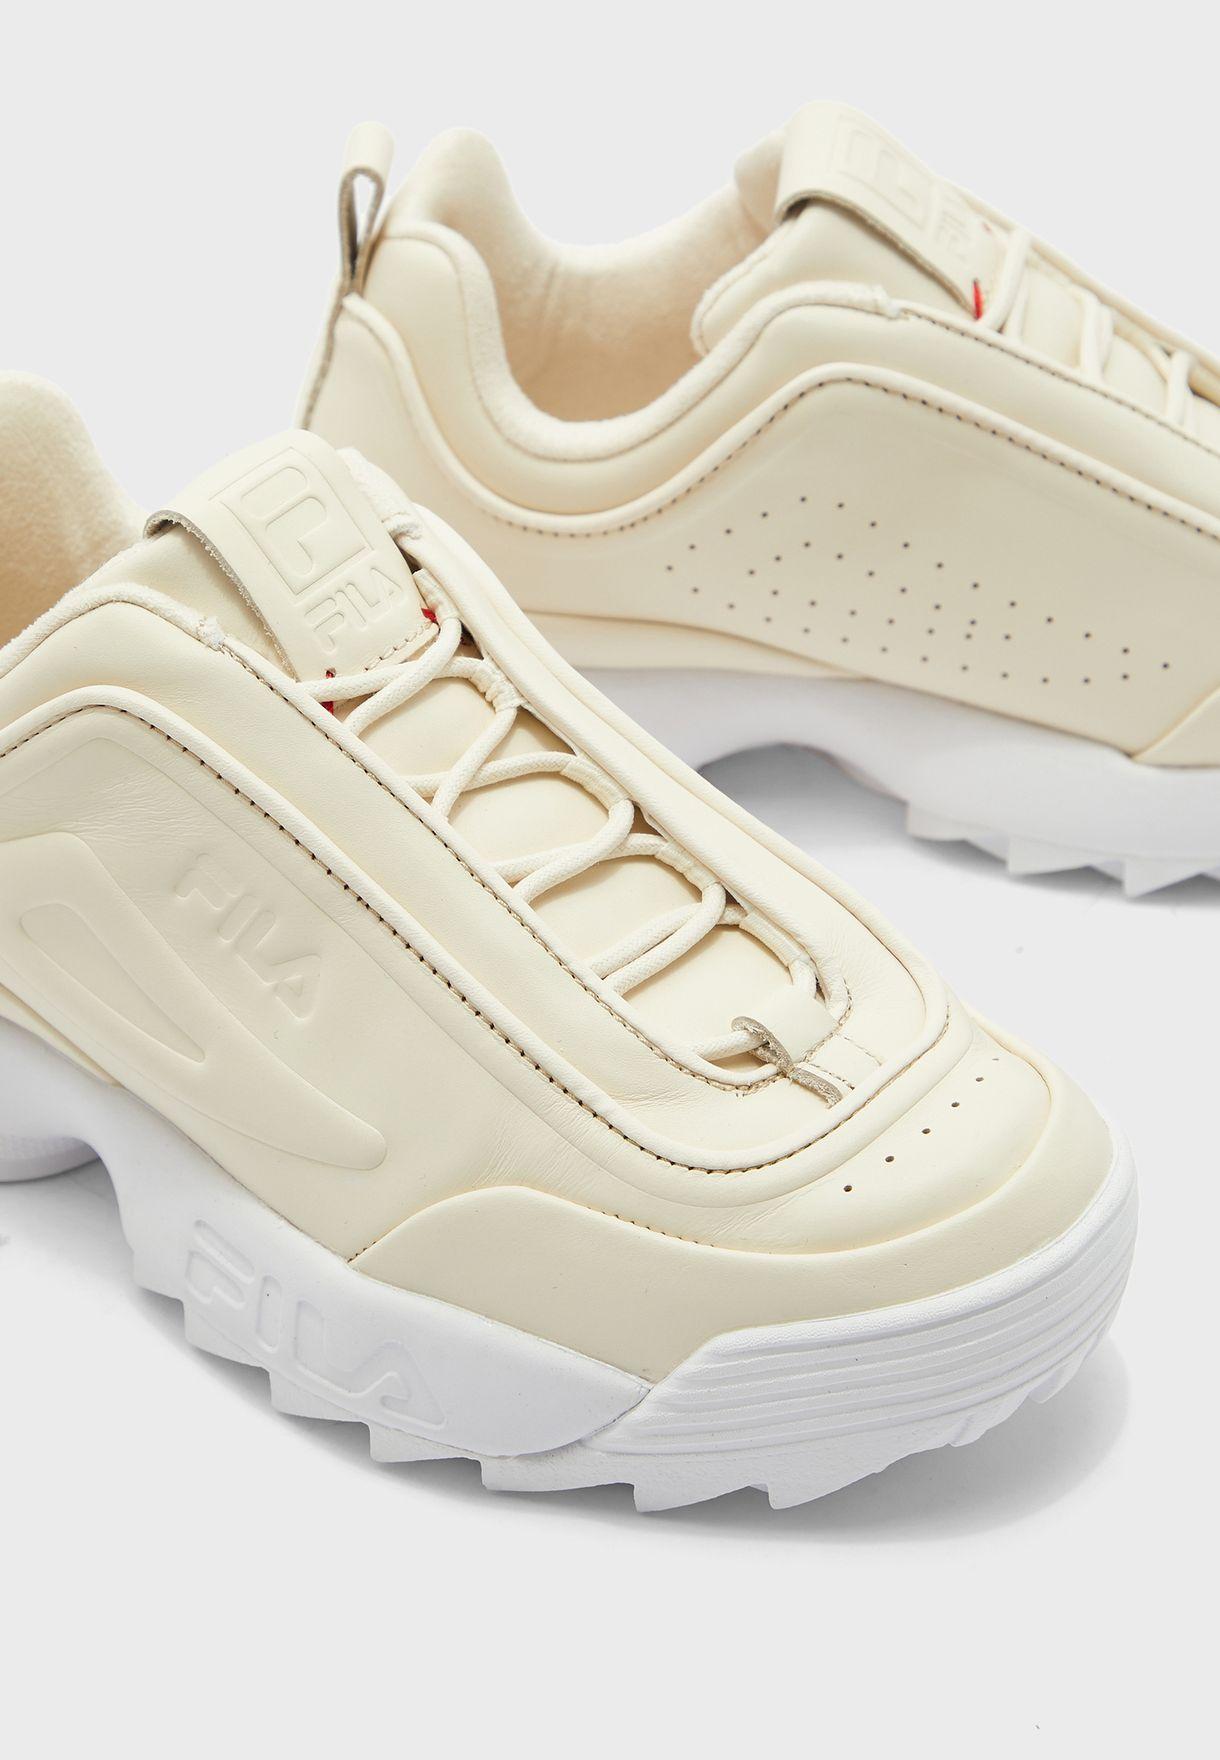 حذاء ديسربتر زيرو